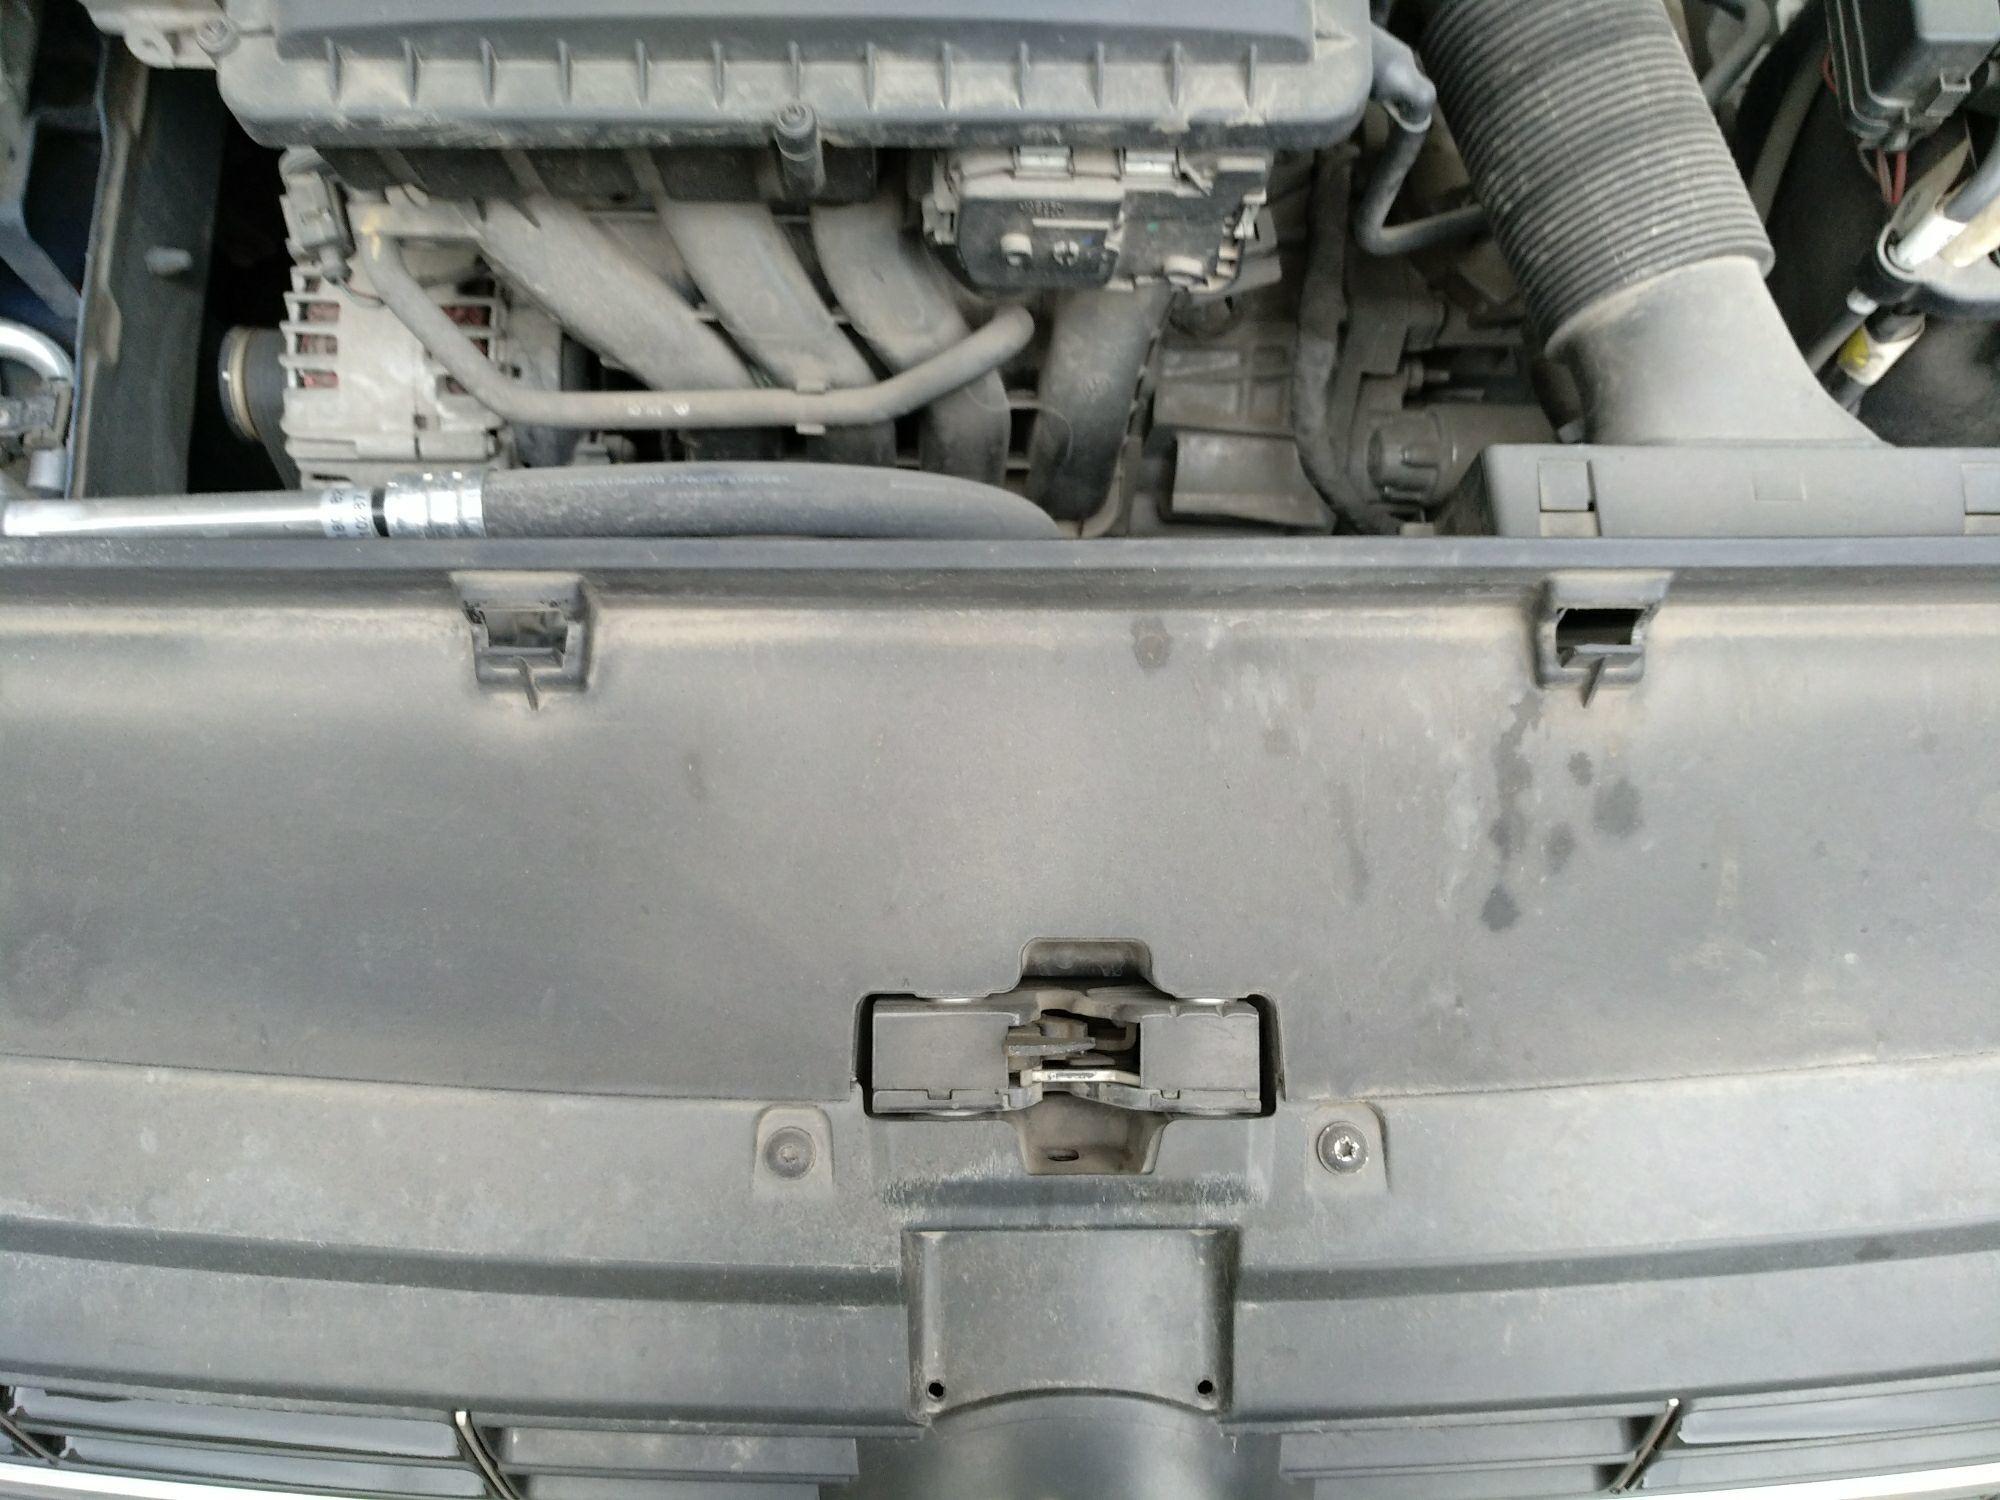 南京二手大众朗逸 > 大众朗逸 2013  车头轻微的碰撞会导致水箱框架变